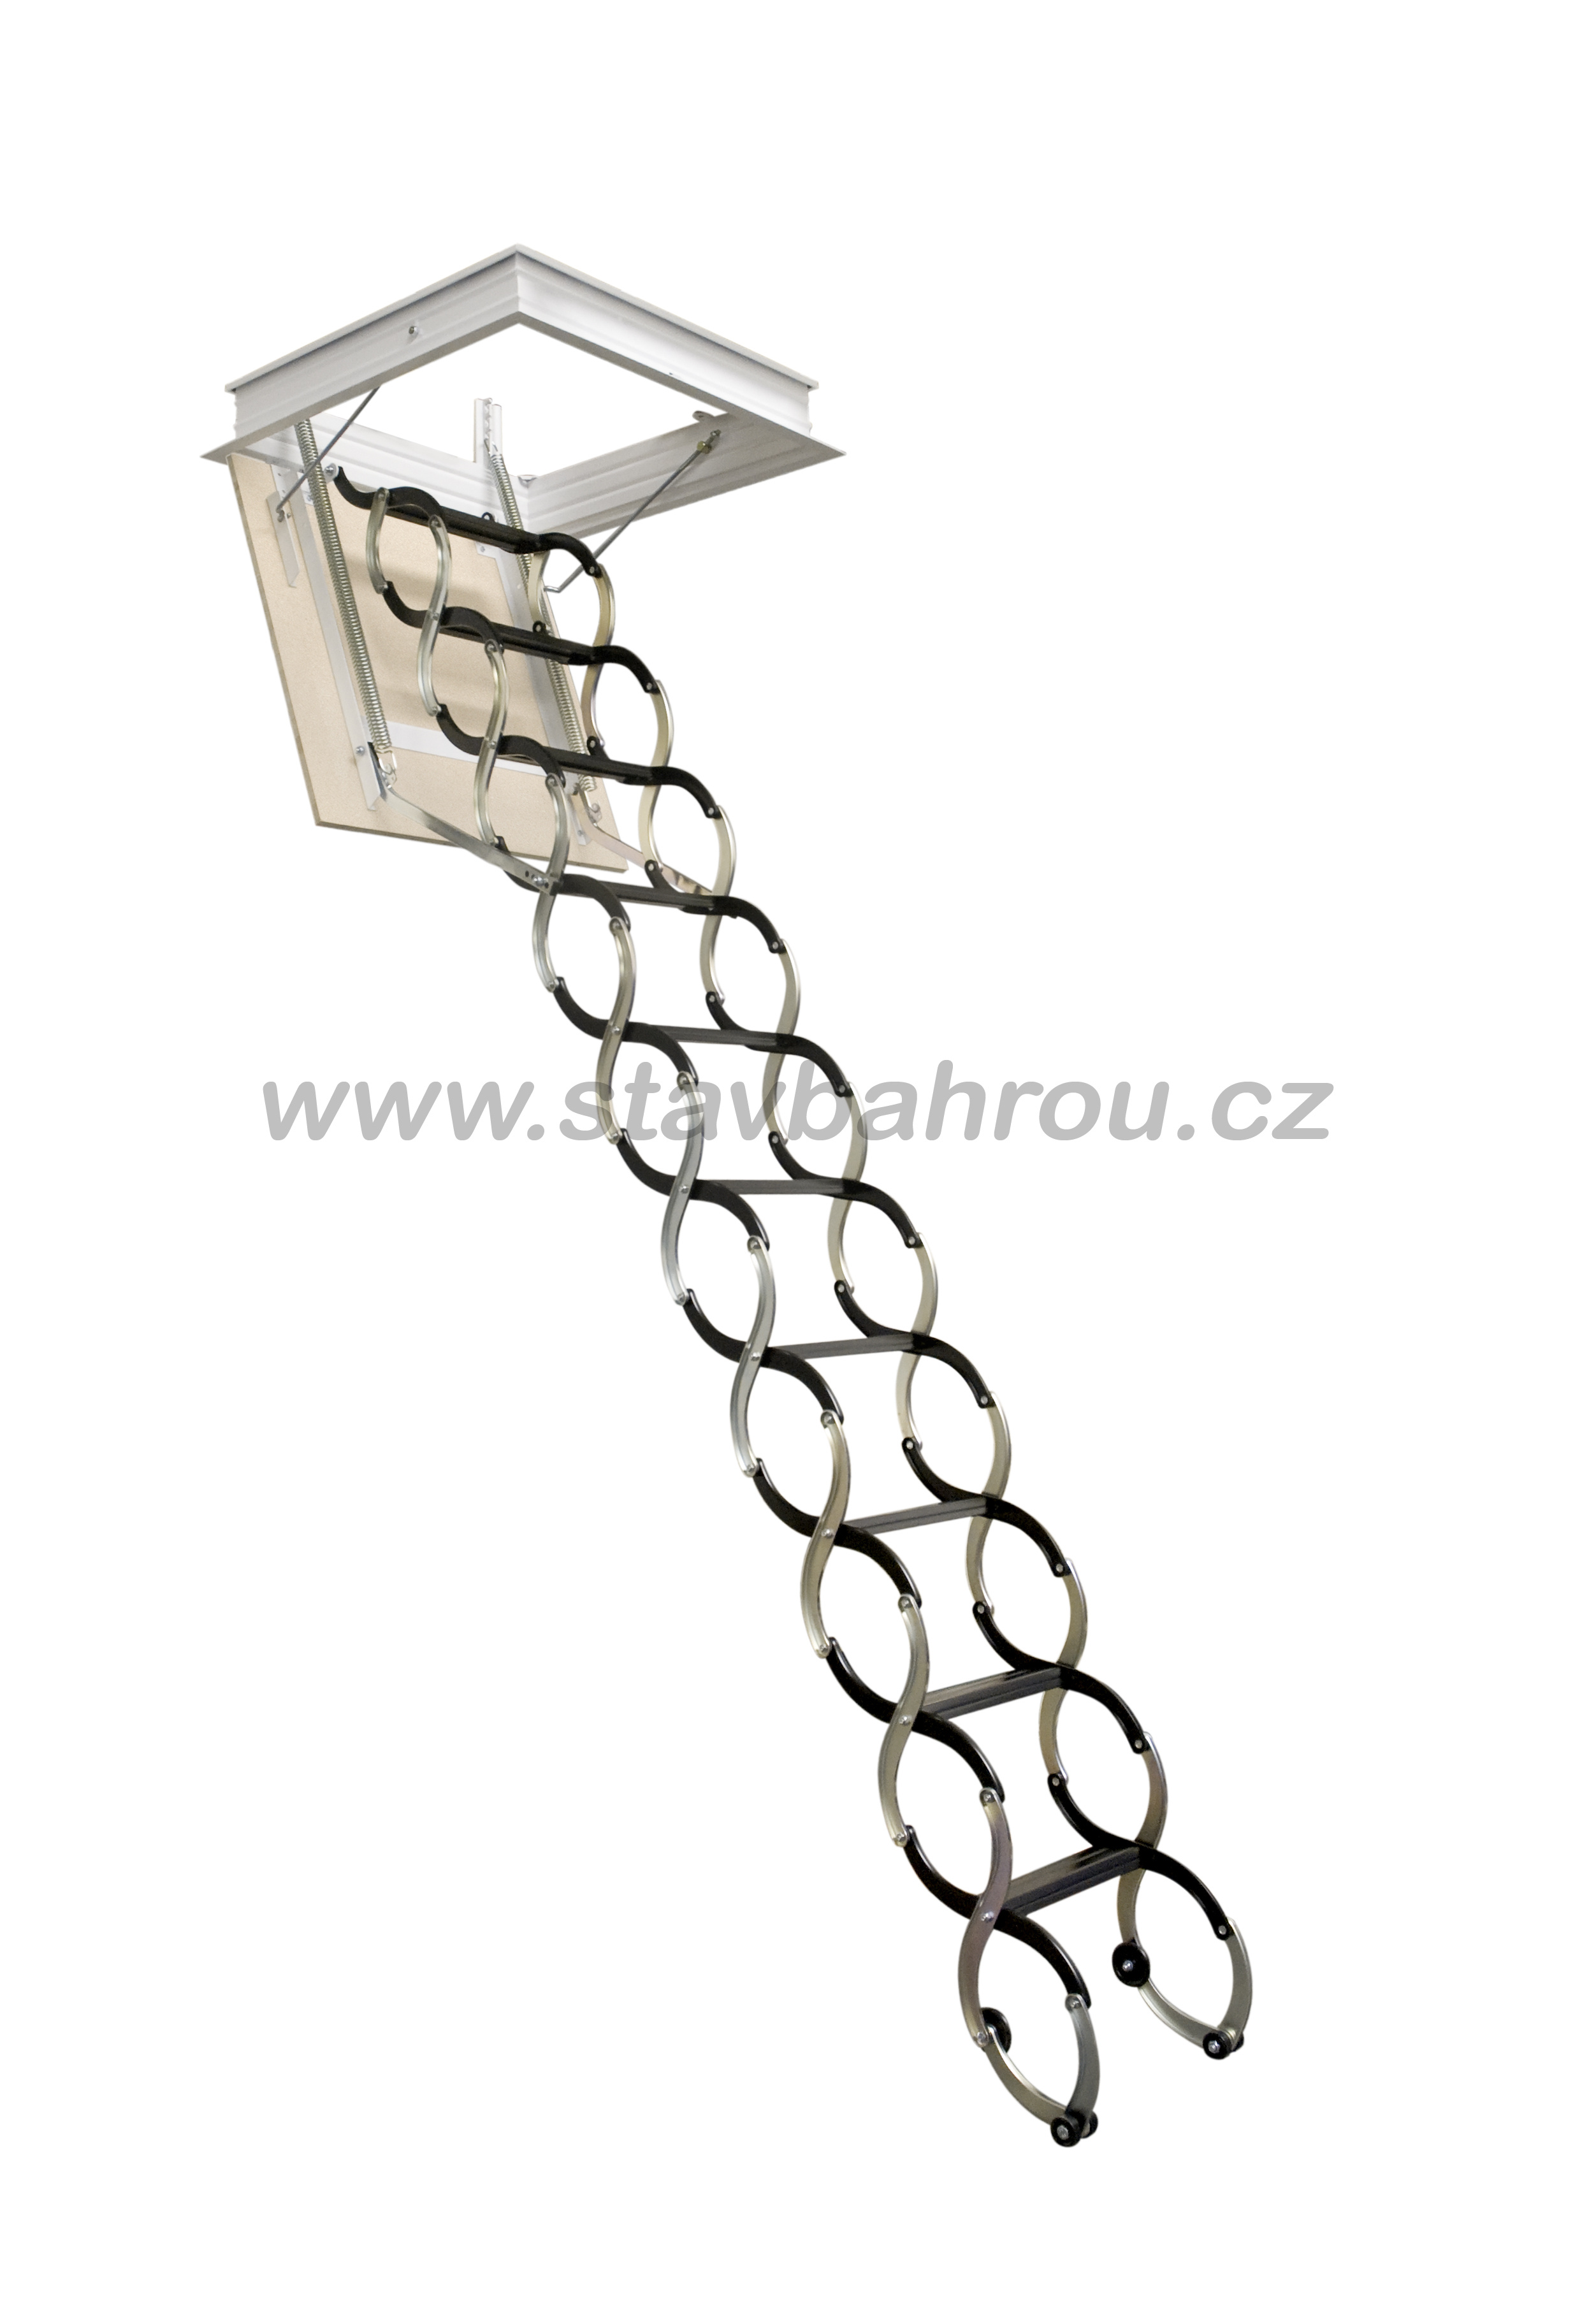 Skládací půdní schody JAP LUSSO 700 x 500 mm